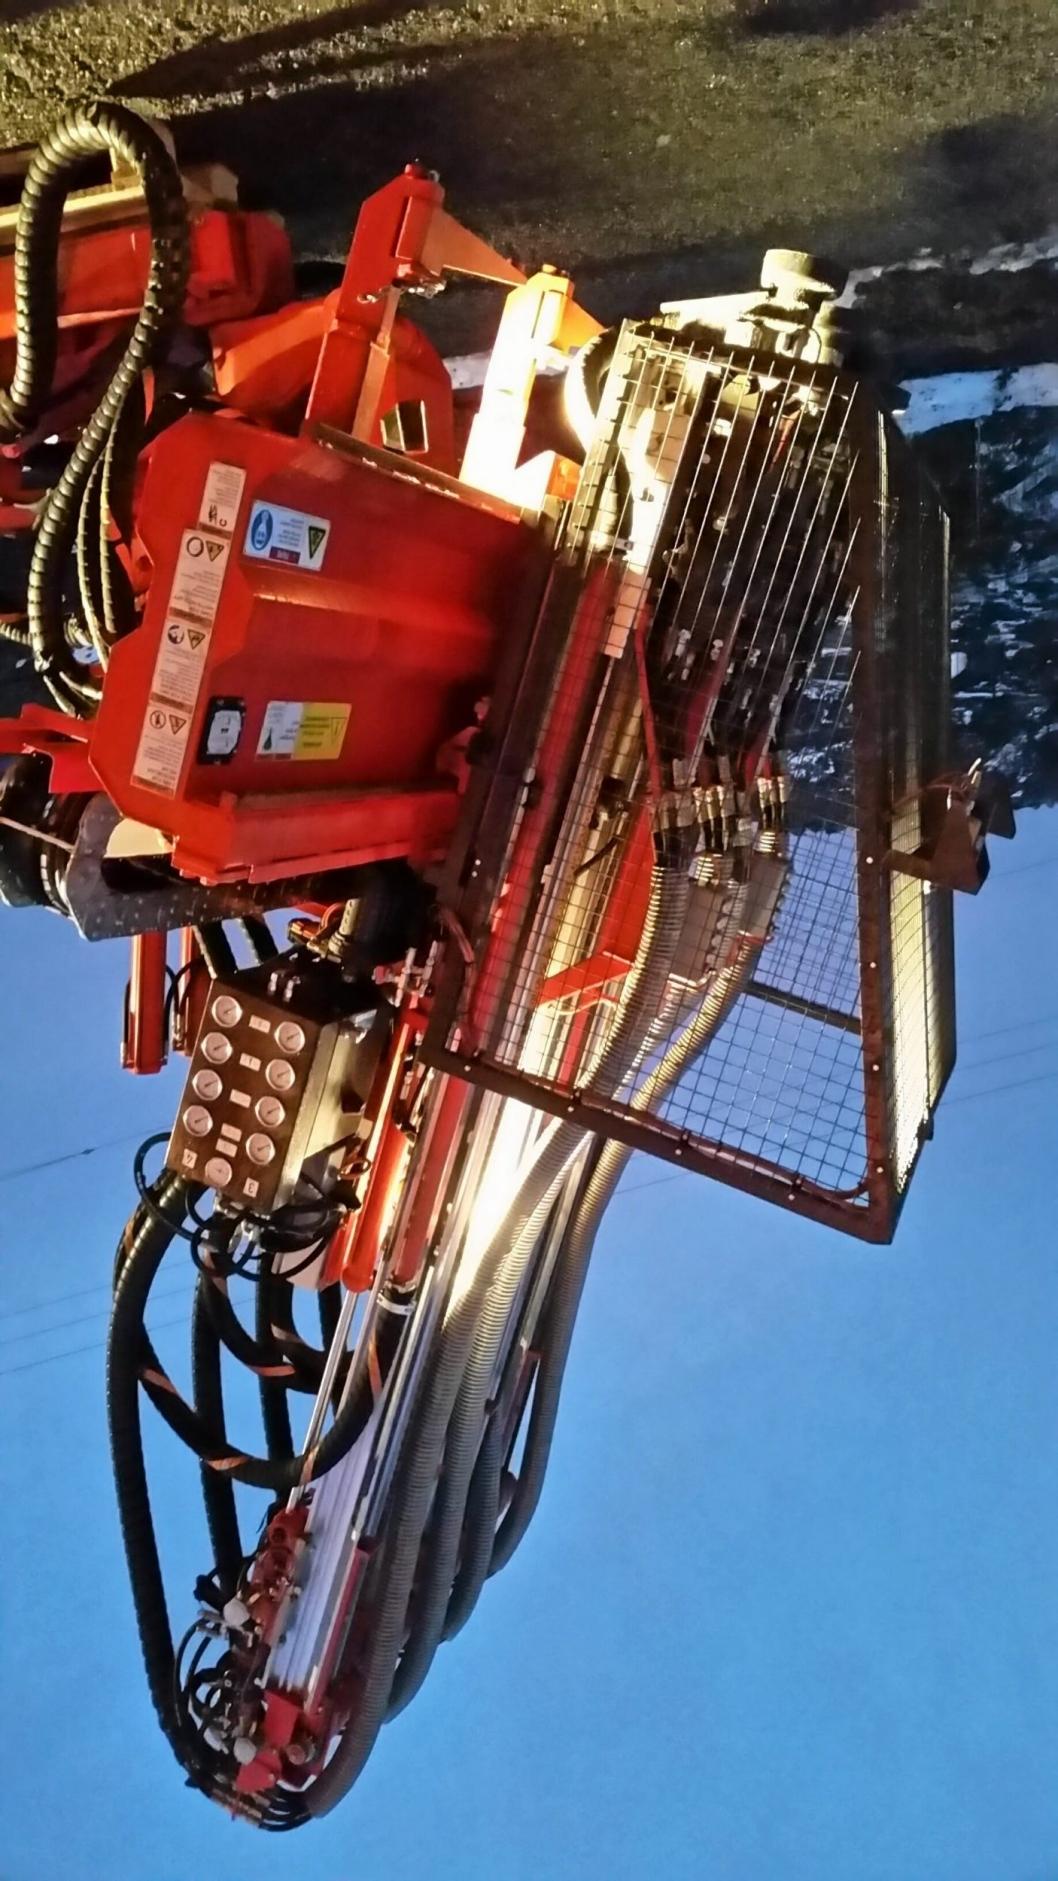 Boreapplikasjonen fra Sandvik som ble levert til Lundhs i Larvik i 2016 hadde det foreskrevne buret (bildet). Dette ble imidlertid fjernet etter at Sandviks verdensnyhet «Non Rotating Rods (NRR)» ble montert.